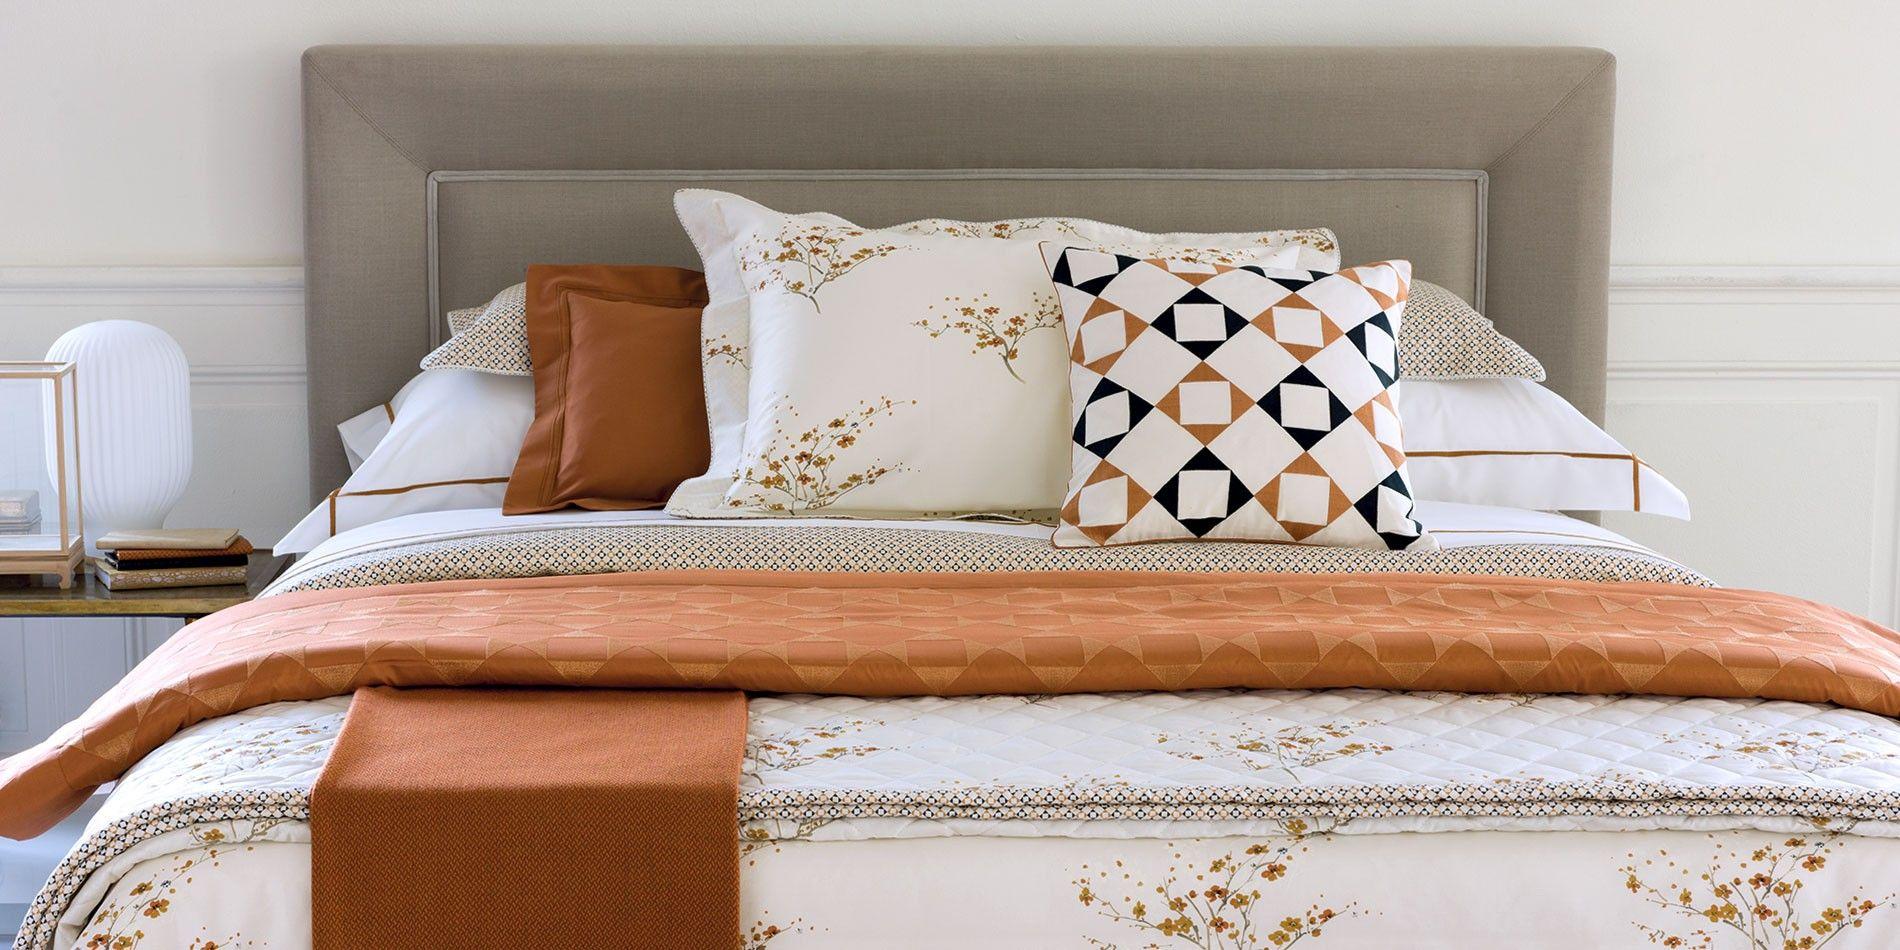 Parure de lit toka do linge de lit parures de lit haut de gamme yves delorm - Linge de lit yves delorme ...